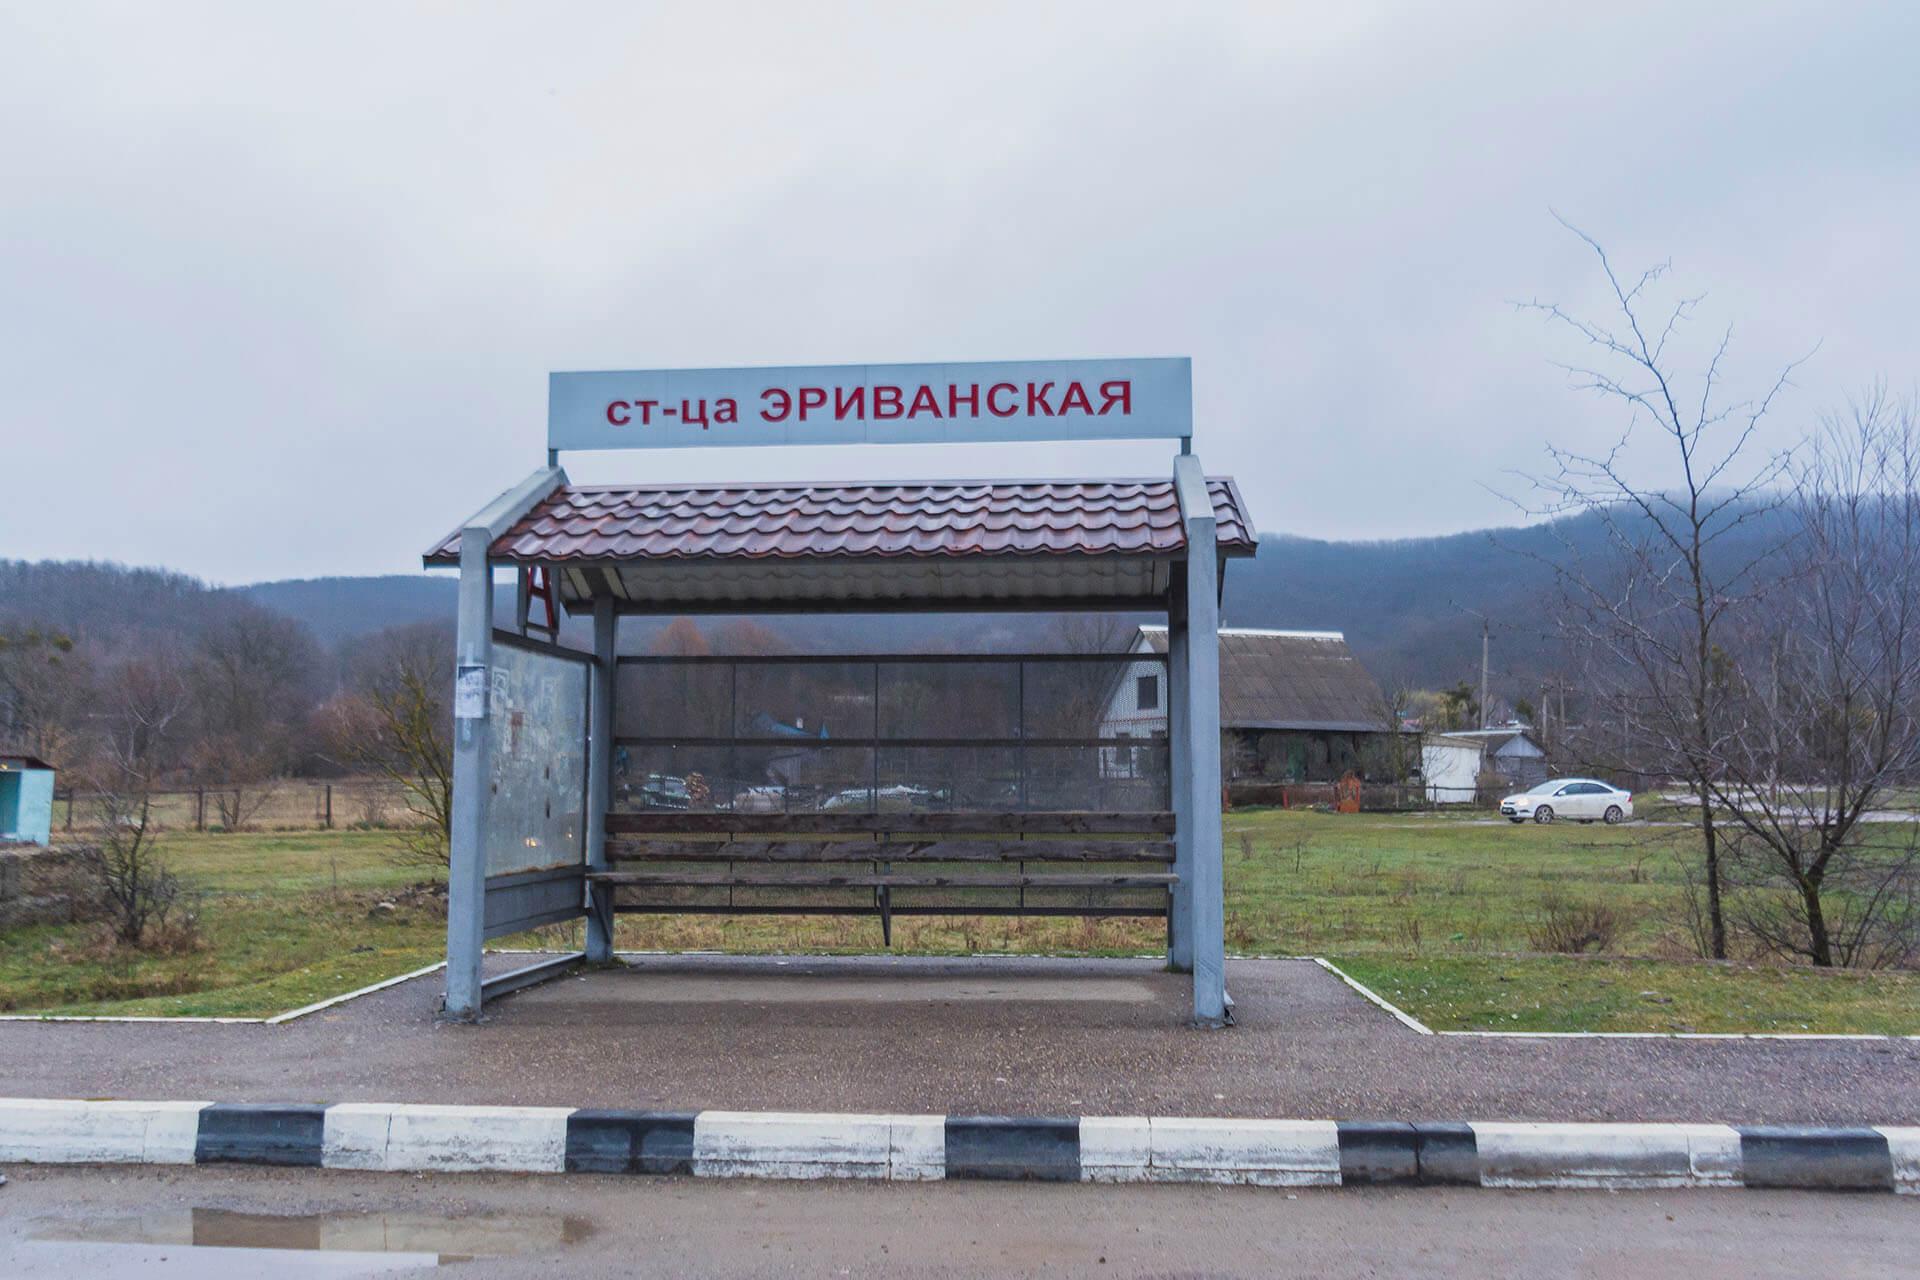 Остановка в станице Эриванская